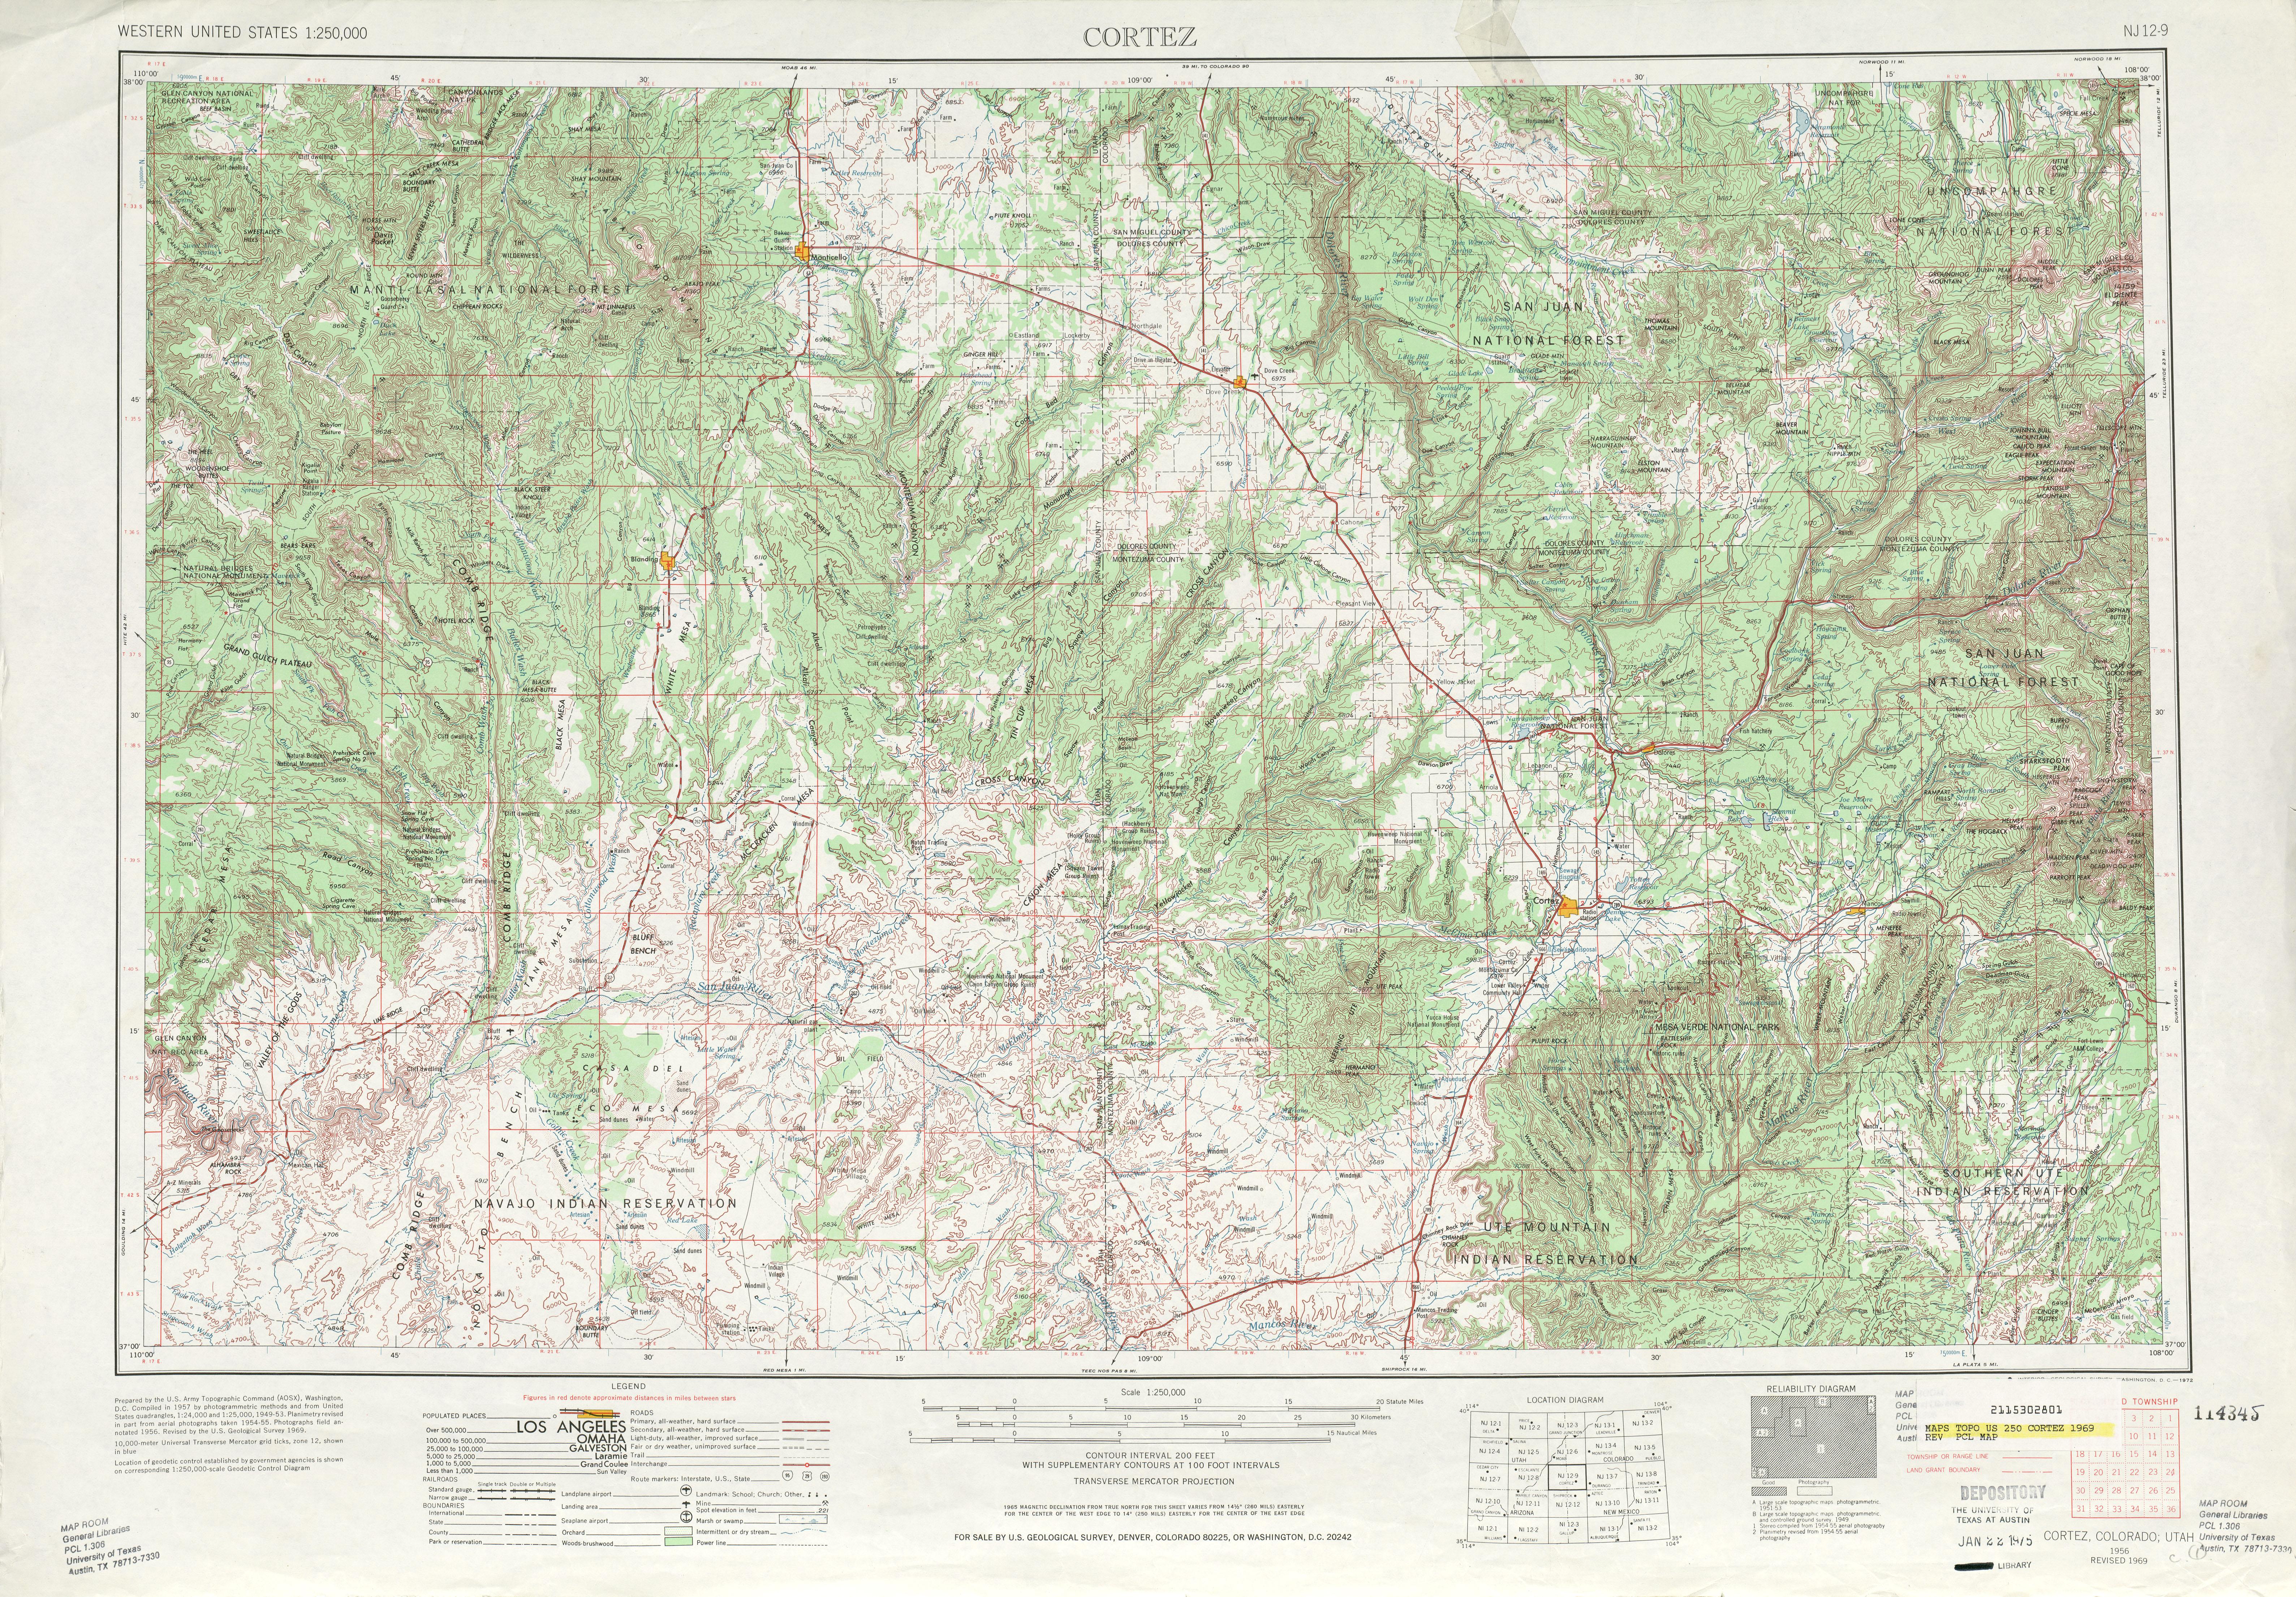 Hoja Cortez del Mapa Topográfico de los Estados Unidos 1969